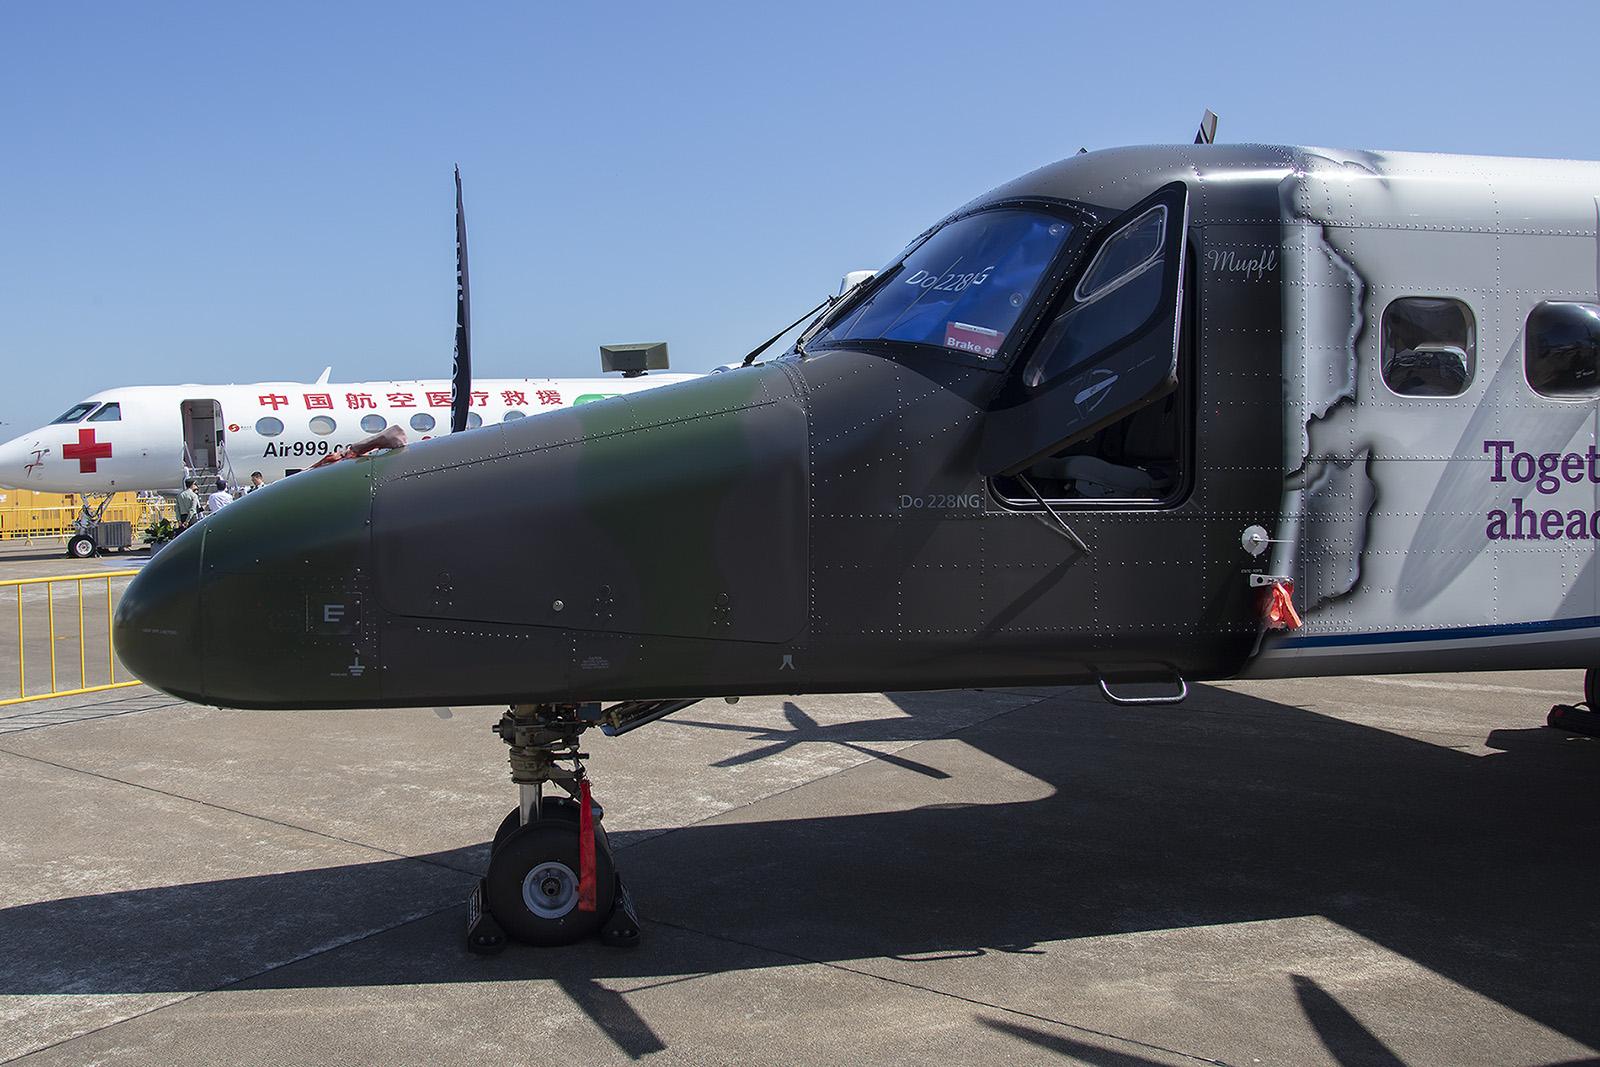 Aus Oberpfaffenhofen kam die Dornier Do-228NG, die heute von RUAG produziert wird.